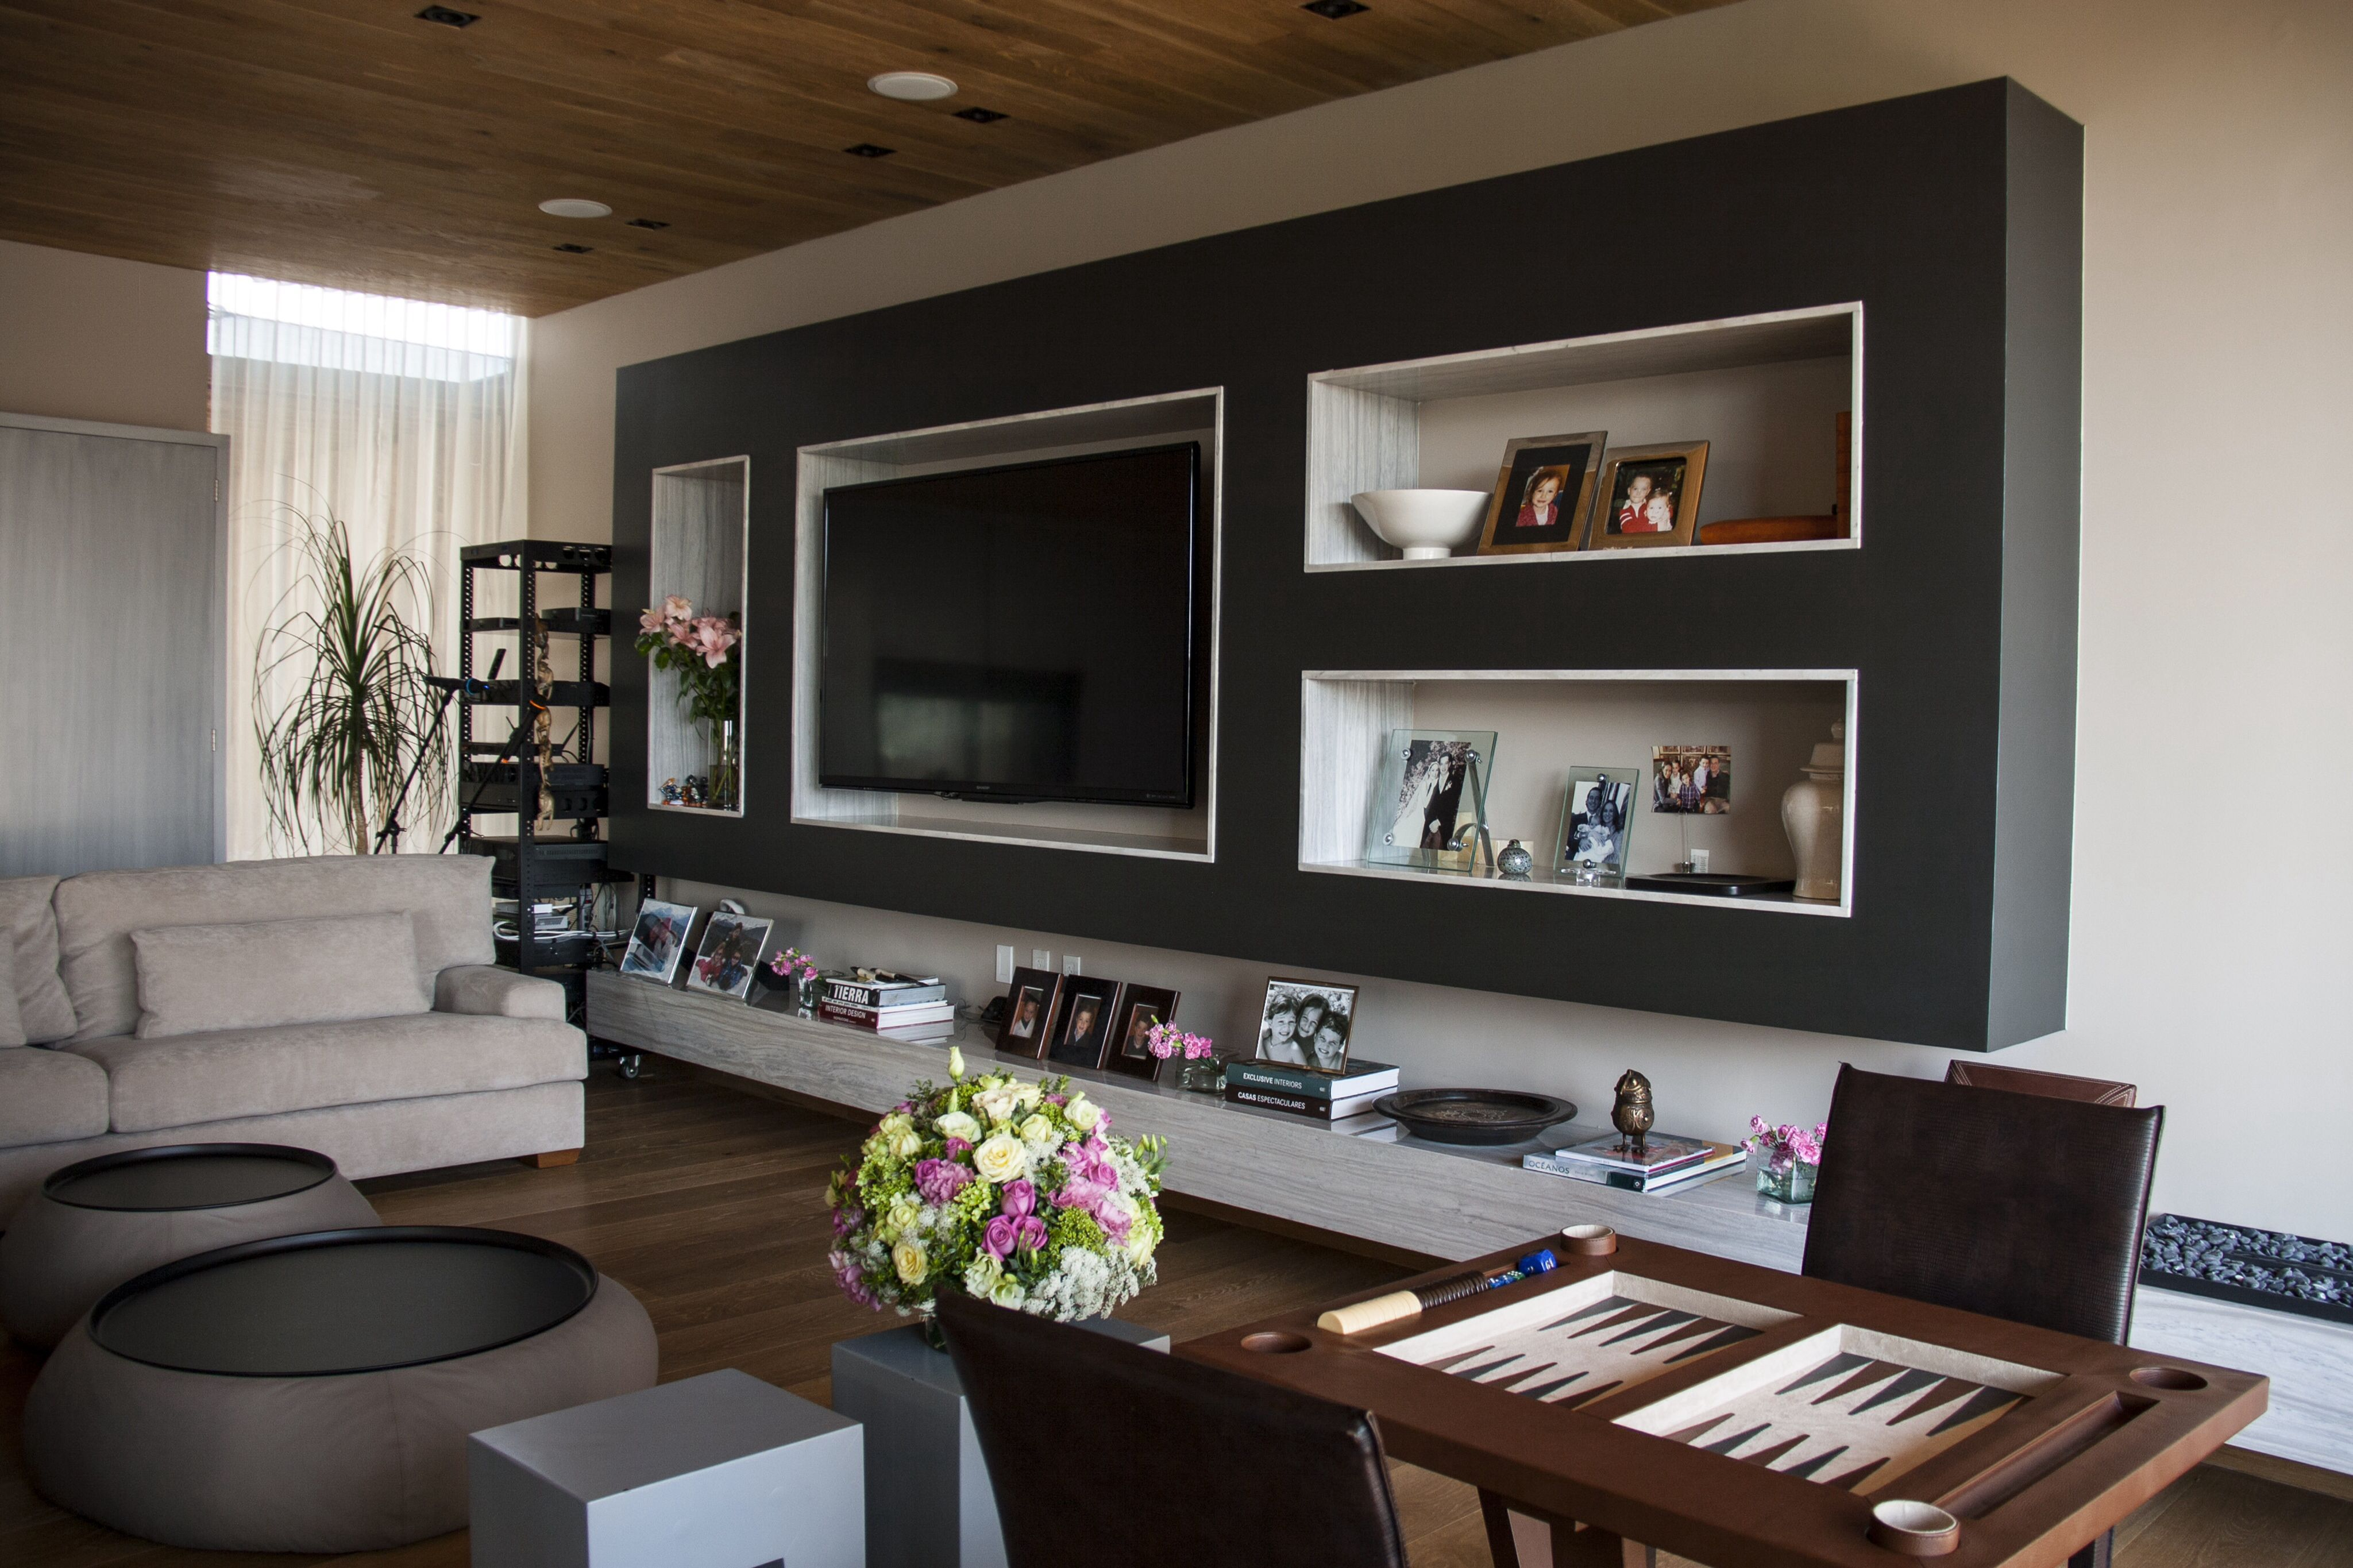 Casa ss cuarto de juegos mueble de tv decoraci n for Muebles para apartamentos